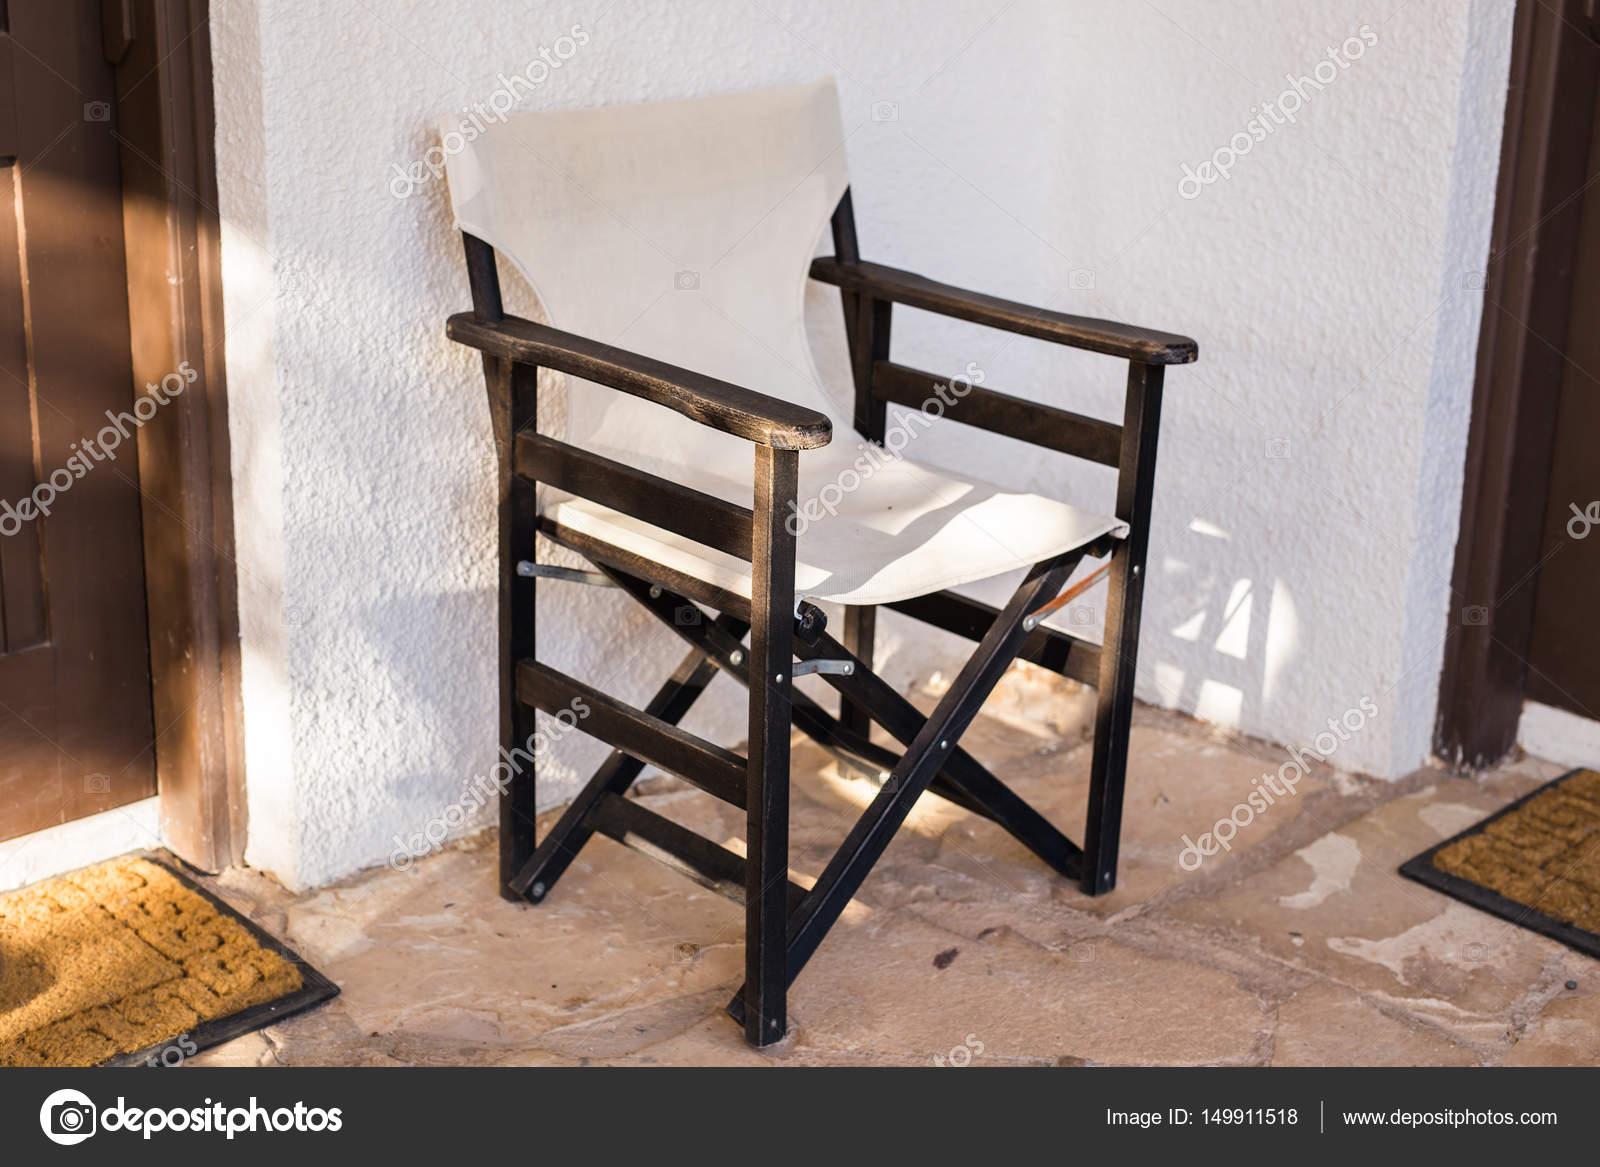 Muebles al aire libre. Tumbonas en el jardín del hotel le invitan a ...